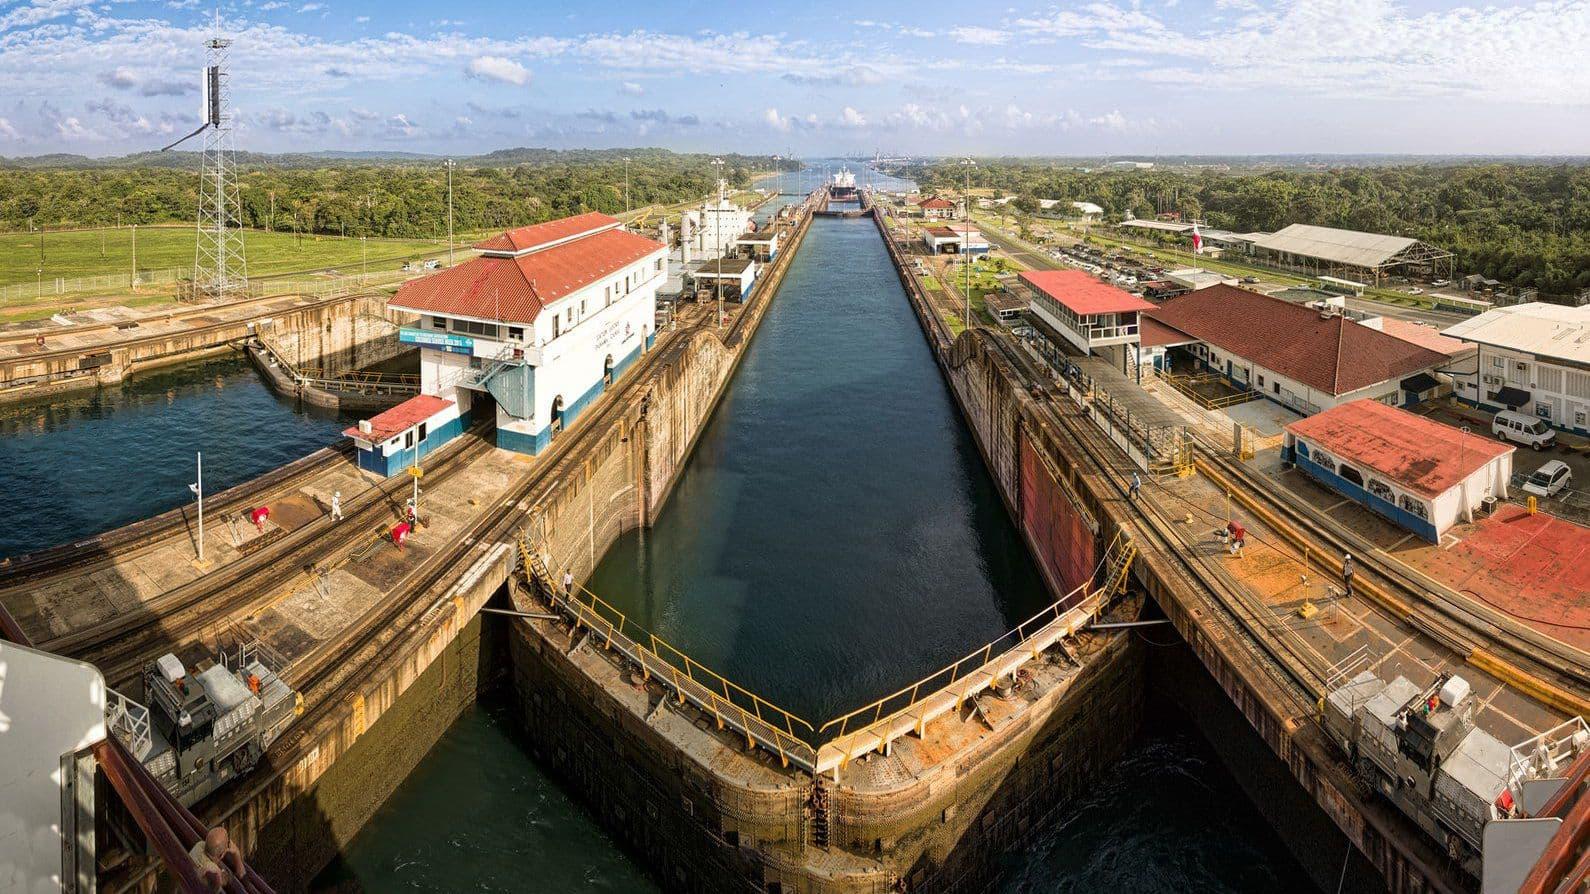 Canal de panama turismo fotos 96